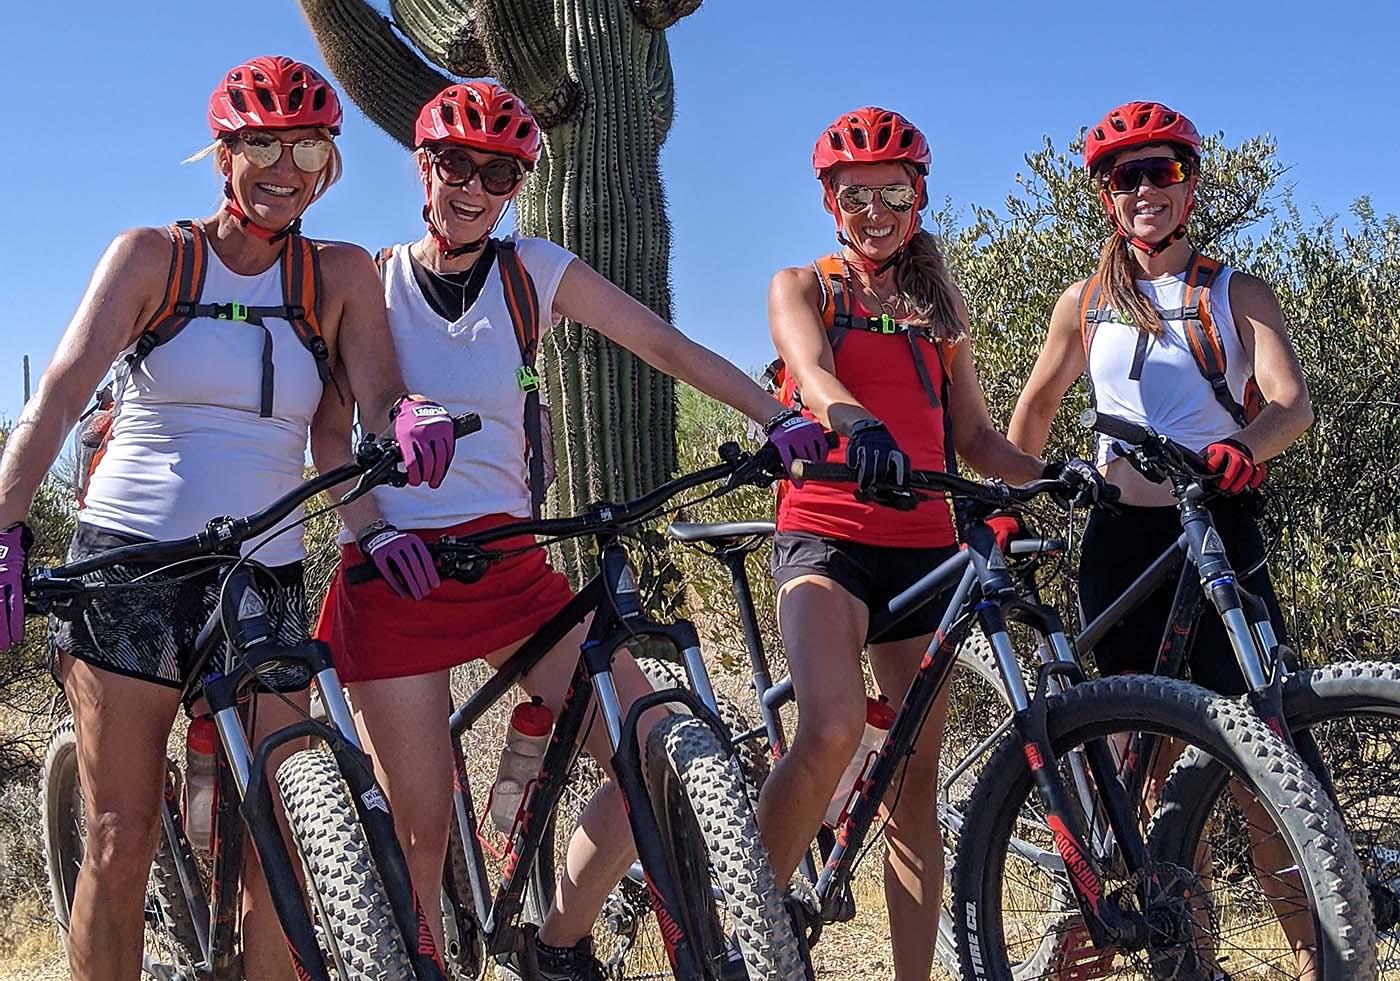 Ladies Guided Mountain Bike Tour in Scottsdale AZ